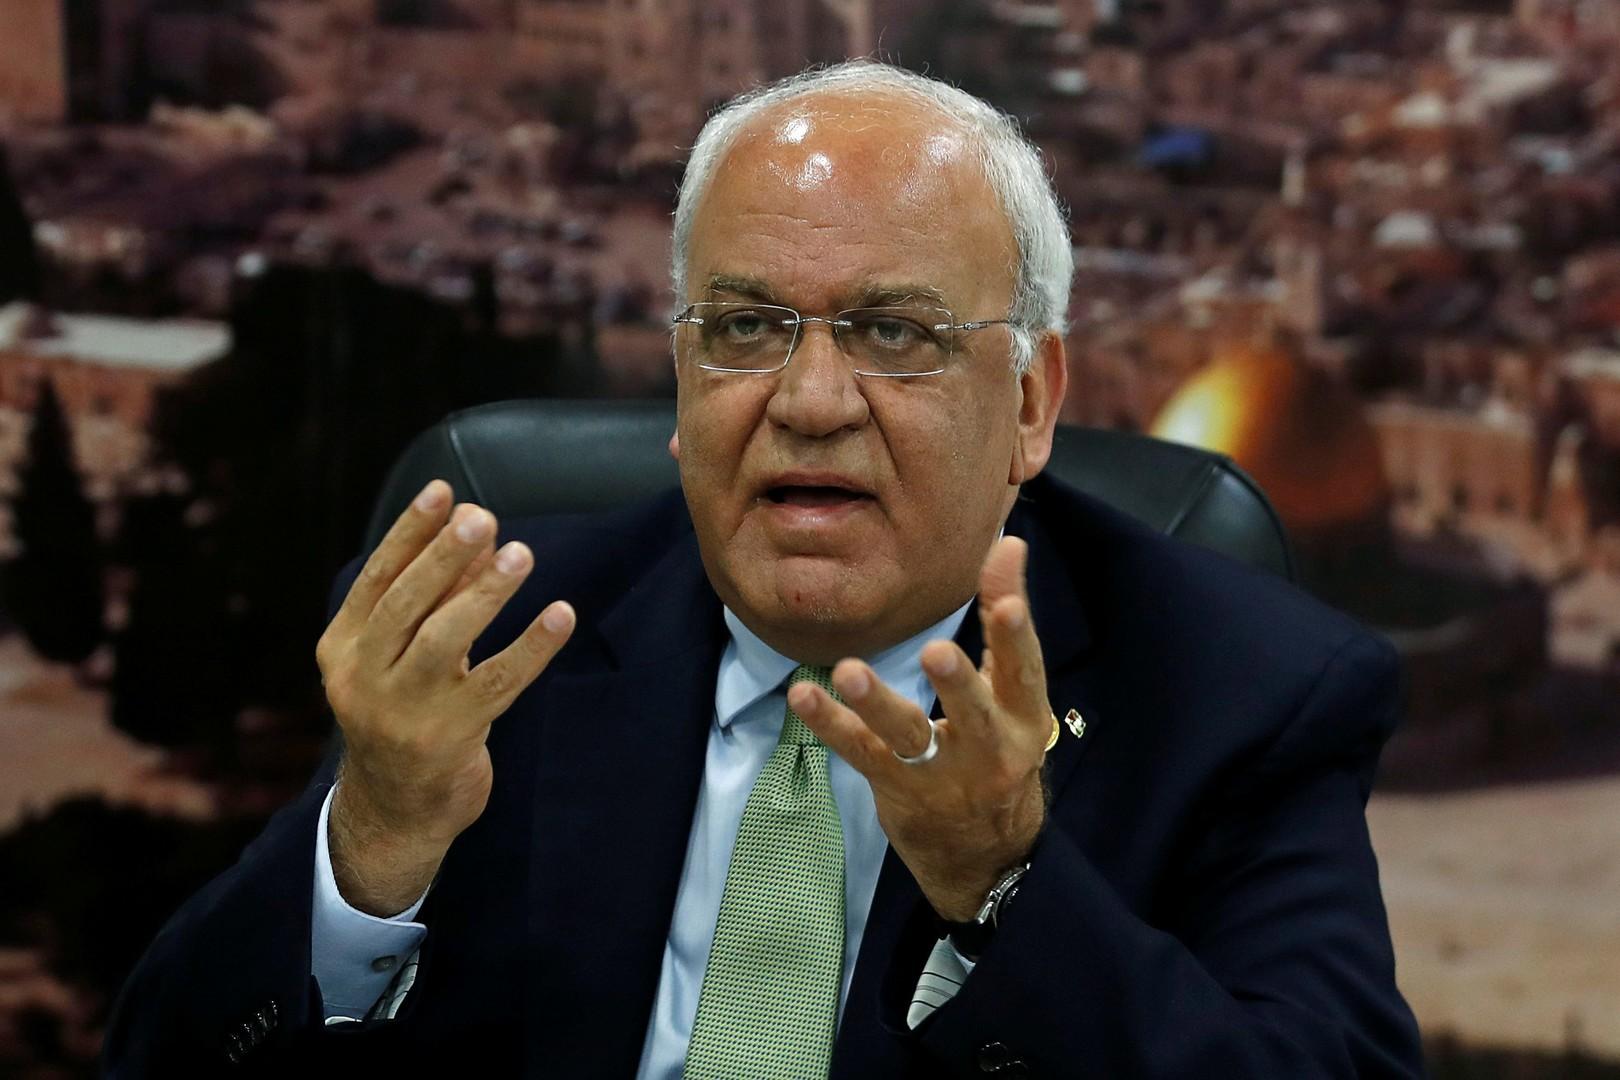 عريقات: يكفي تقديم القدس وفلسطين كقرابين بمعابد اللؤم والتمحور السياسي